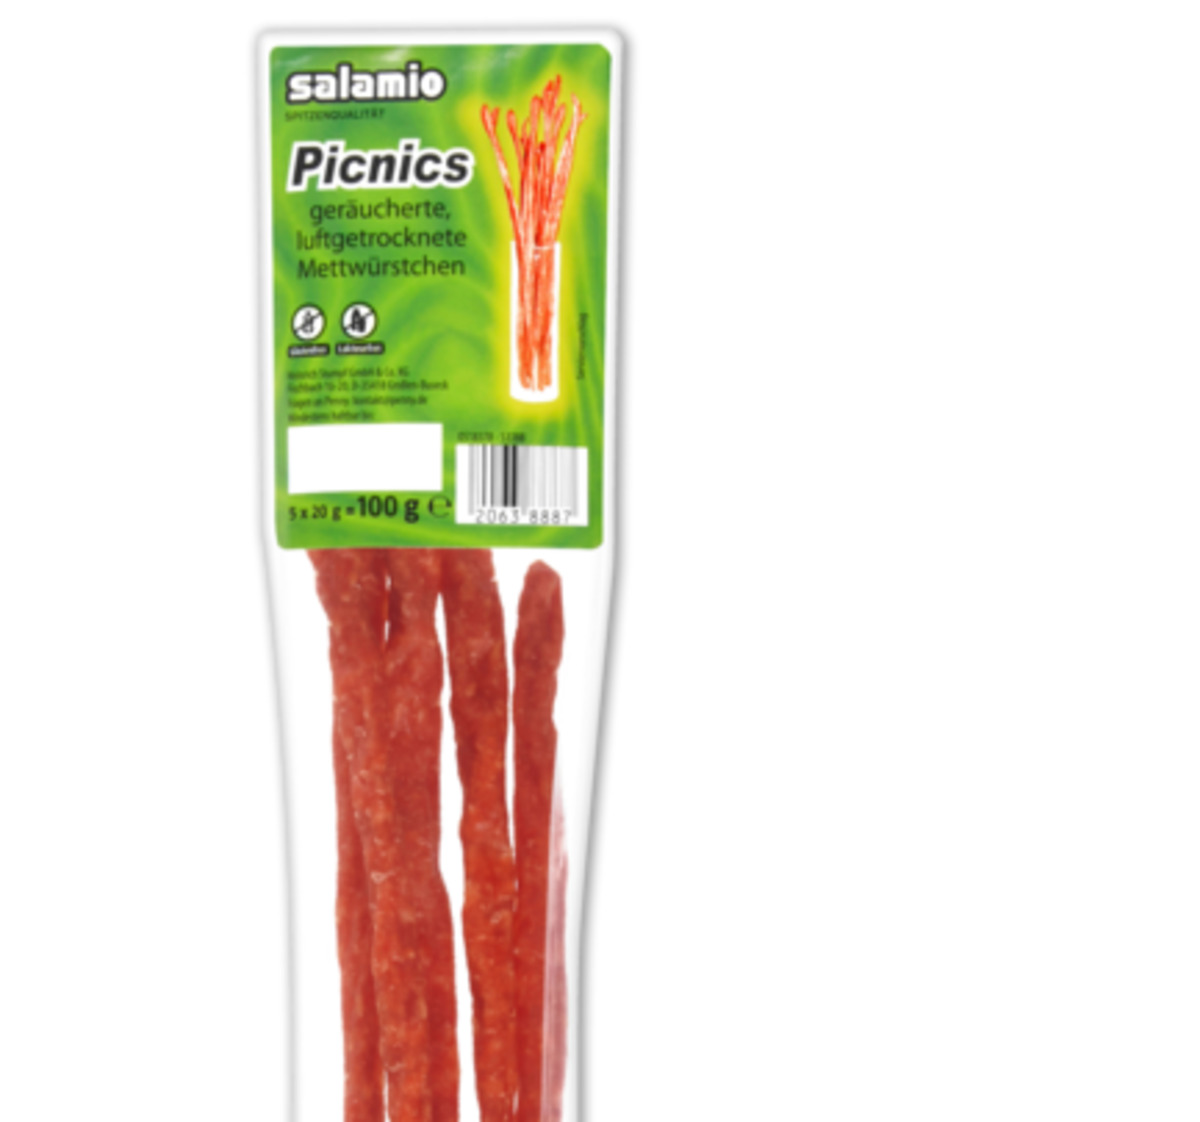 Bild 1 von SALAMIO Picnics oder Picnics Chili